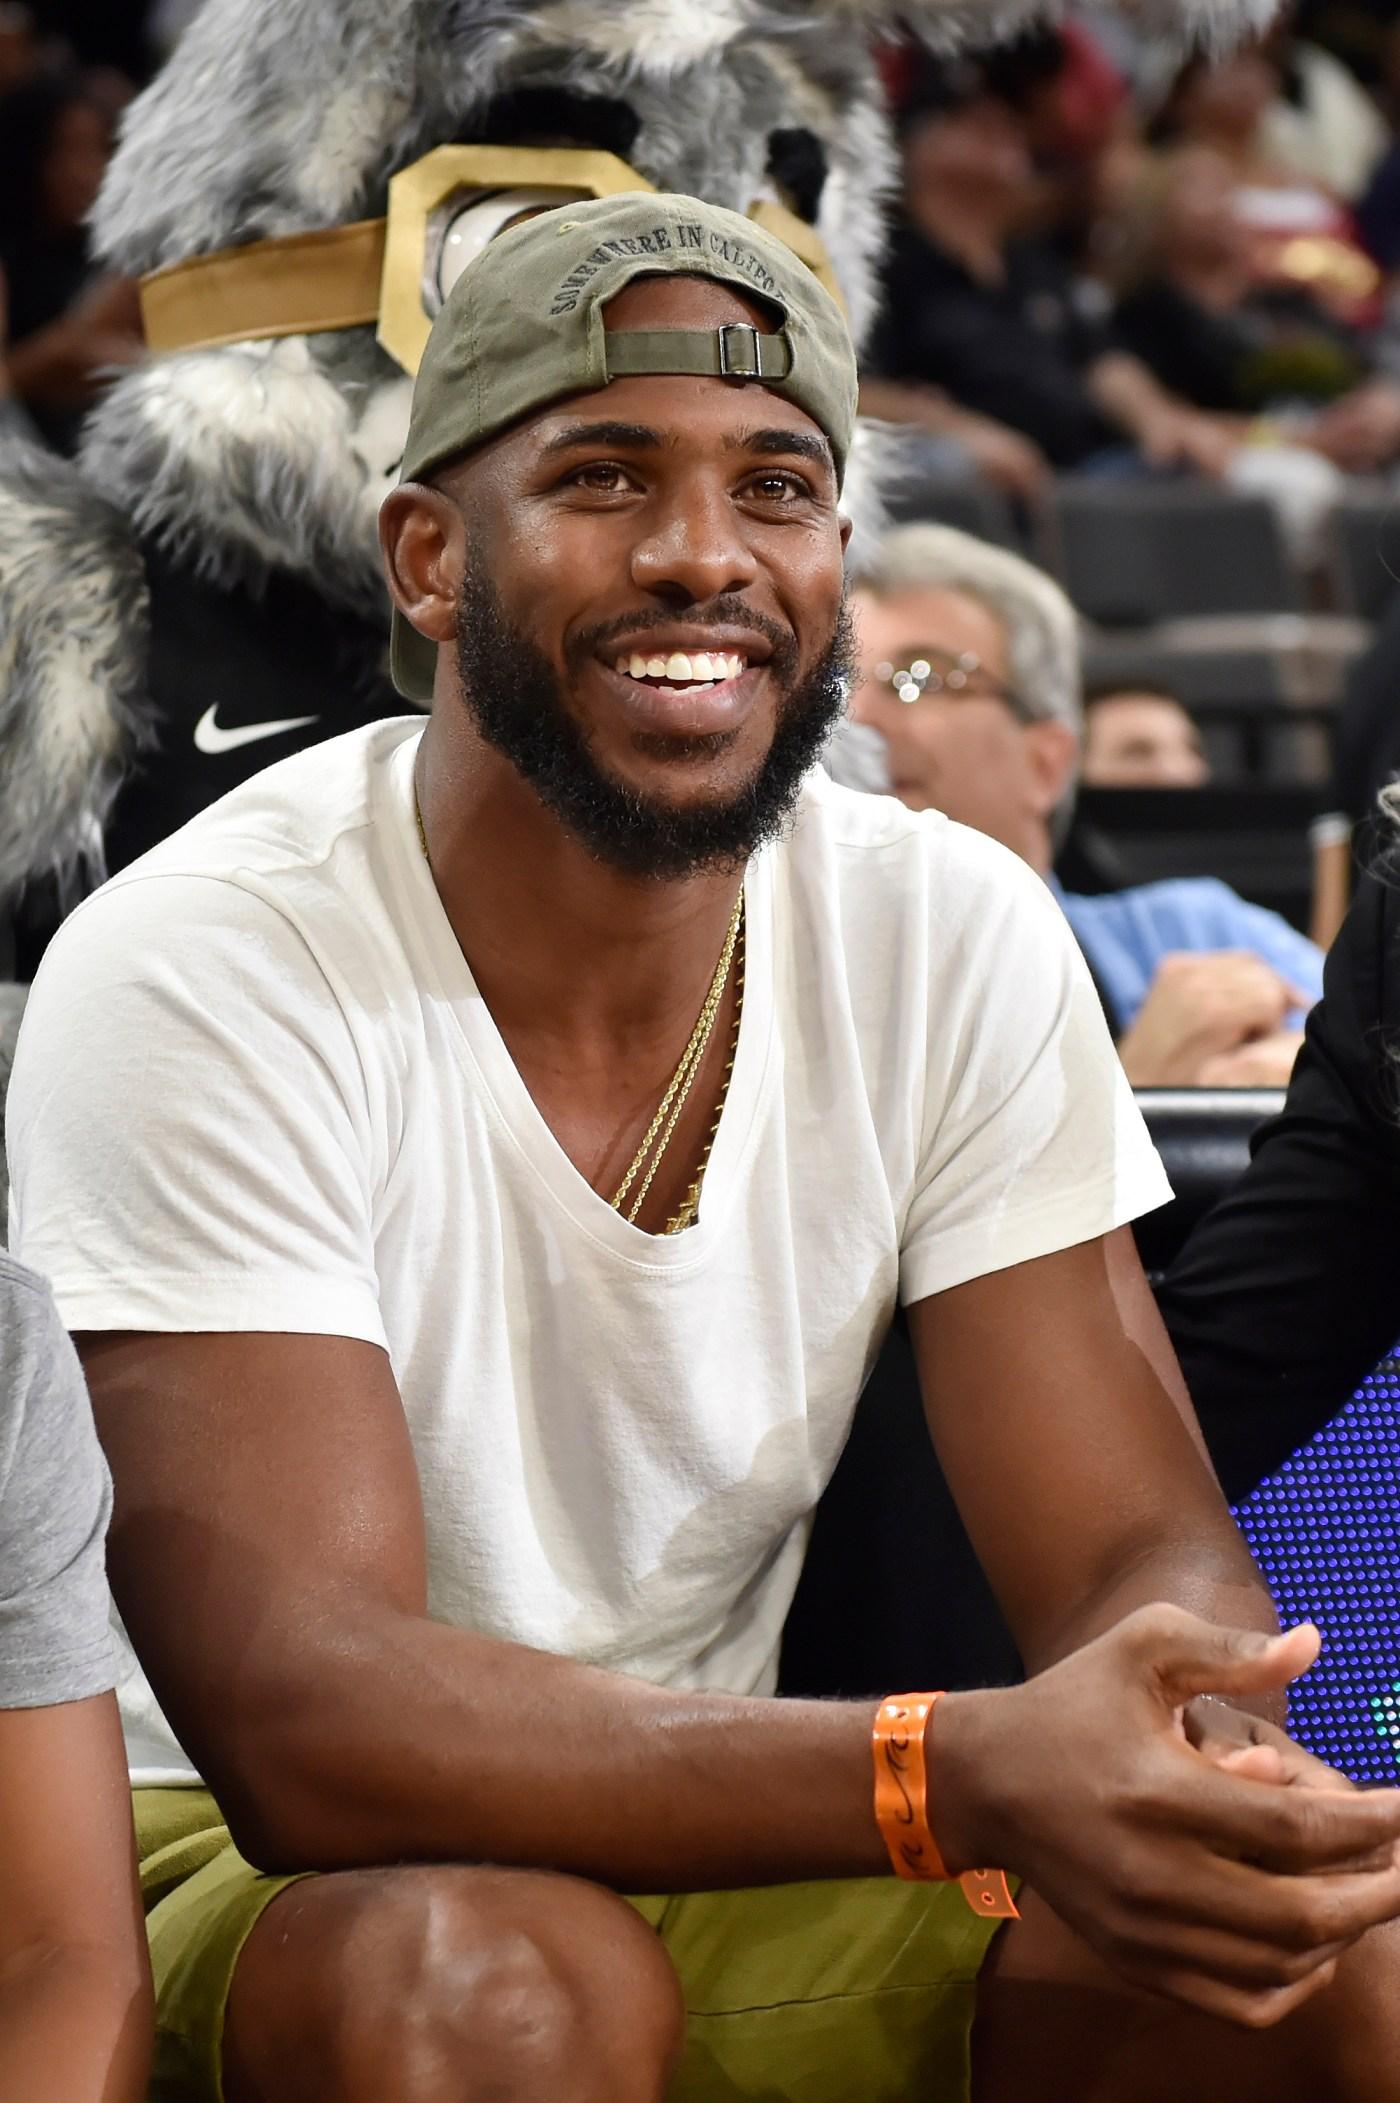 Bên cạnh Kobe Bryant và LeBron James, siêu sao NBA nào là nhà đầu tư tài ba trên thương trường? - Ảnh 4.